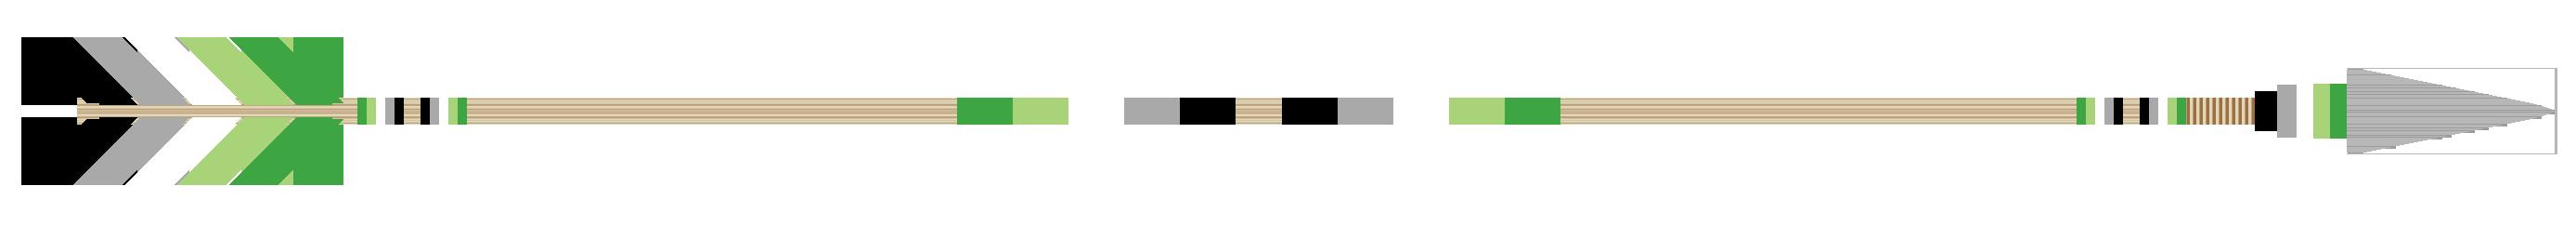 Arrow Divider - Aromantic, Version 2, Right